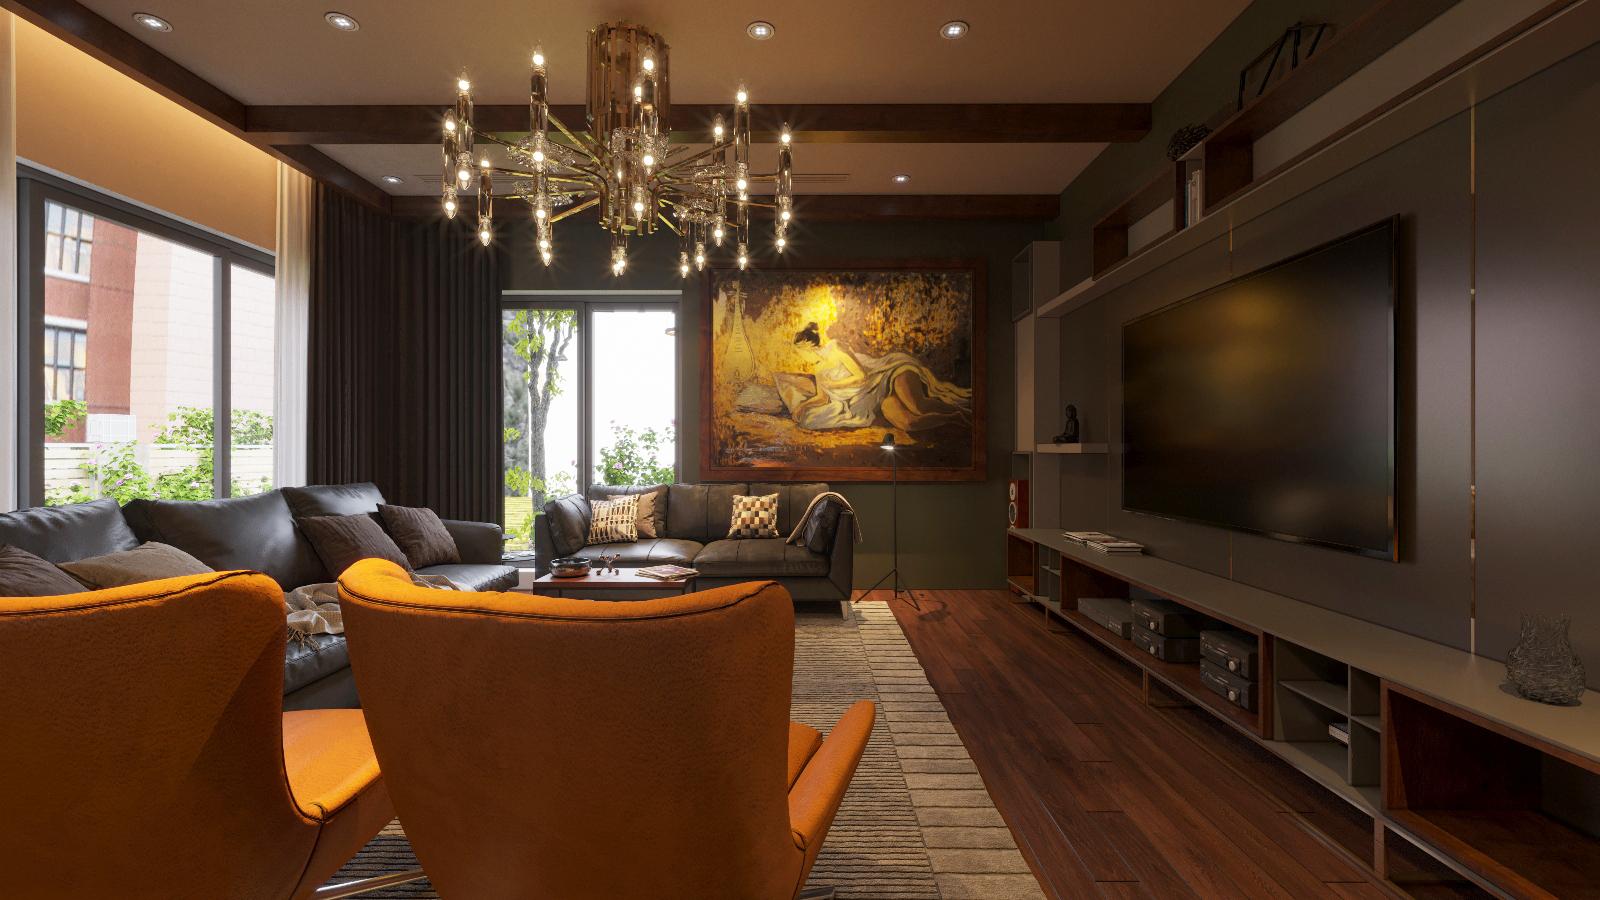 thiết kế Nội thất Biệt Thự 3 tầng biệt thự bt25 splendora mới (lakeside splendora)101